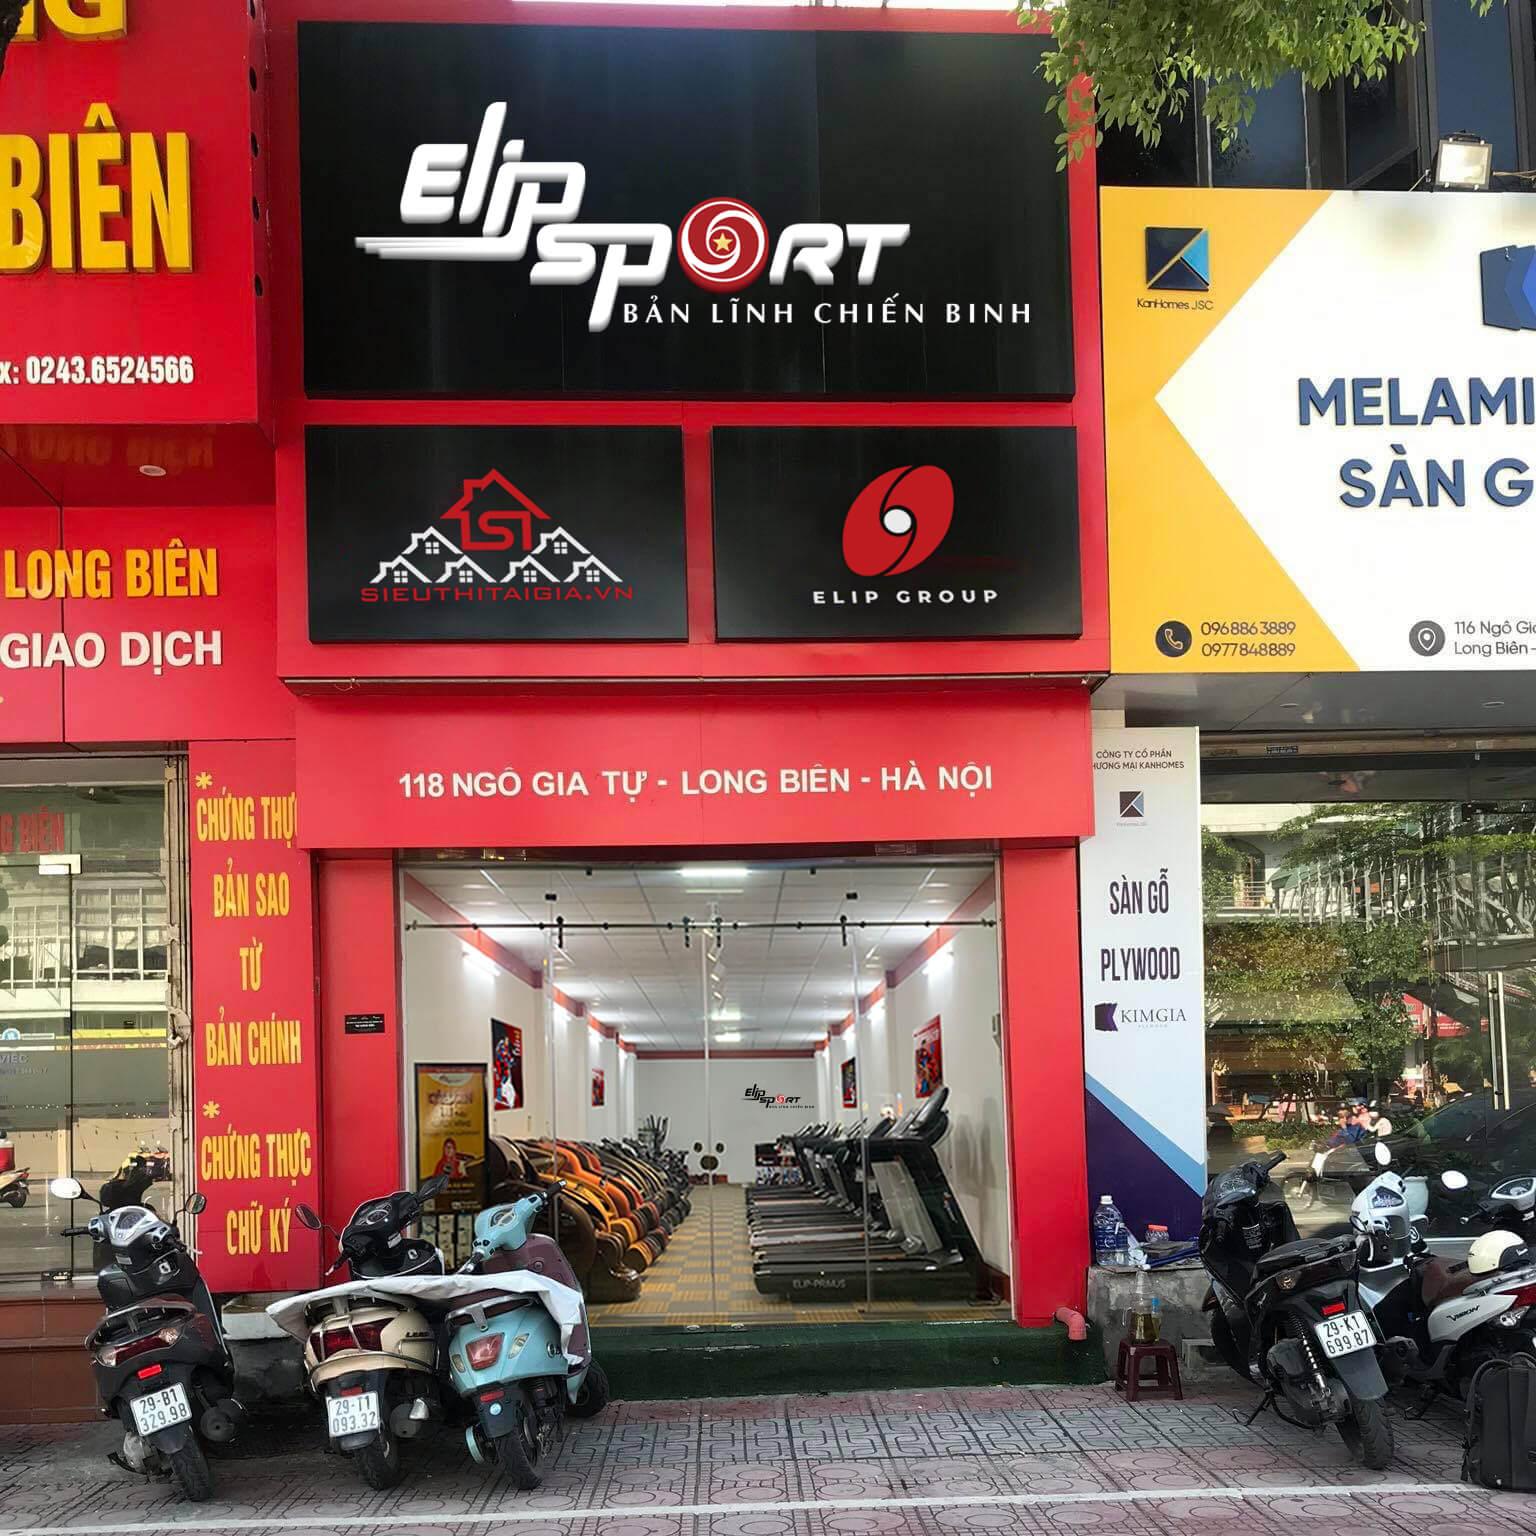 Hình ảnh của chi nhánh Elipsport Long Biên - Hà Nội